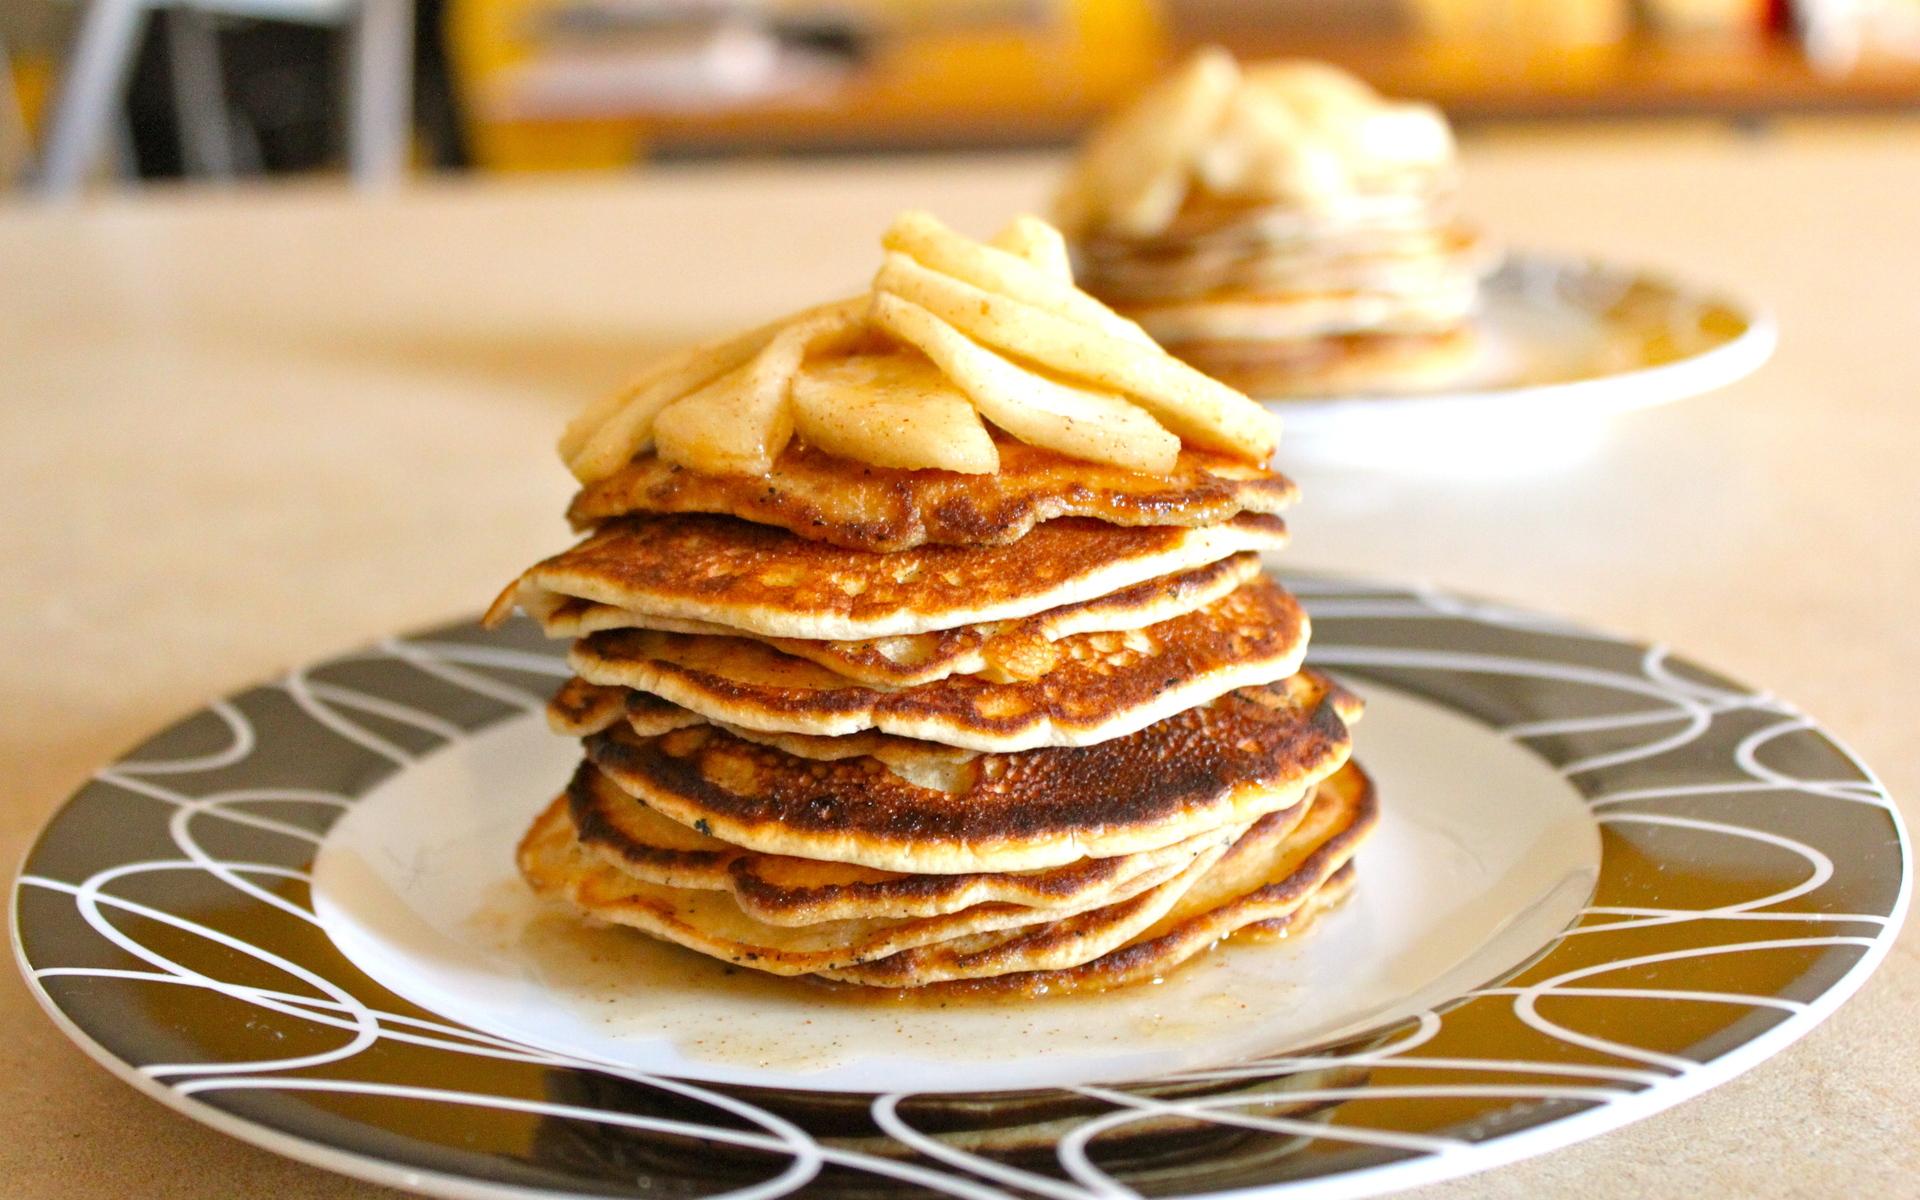 Pancake Wallpaper HD 46702 1920x1200px 1920x1200